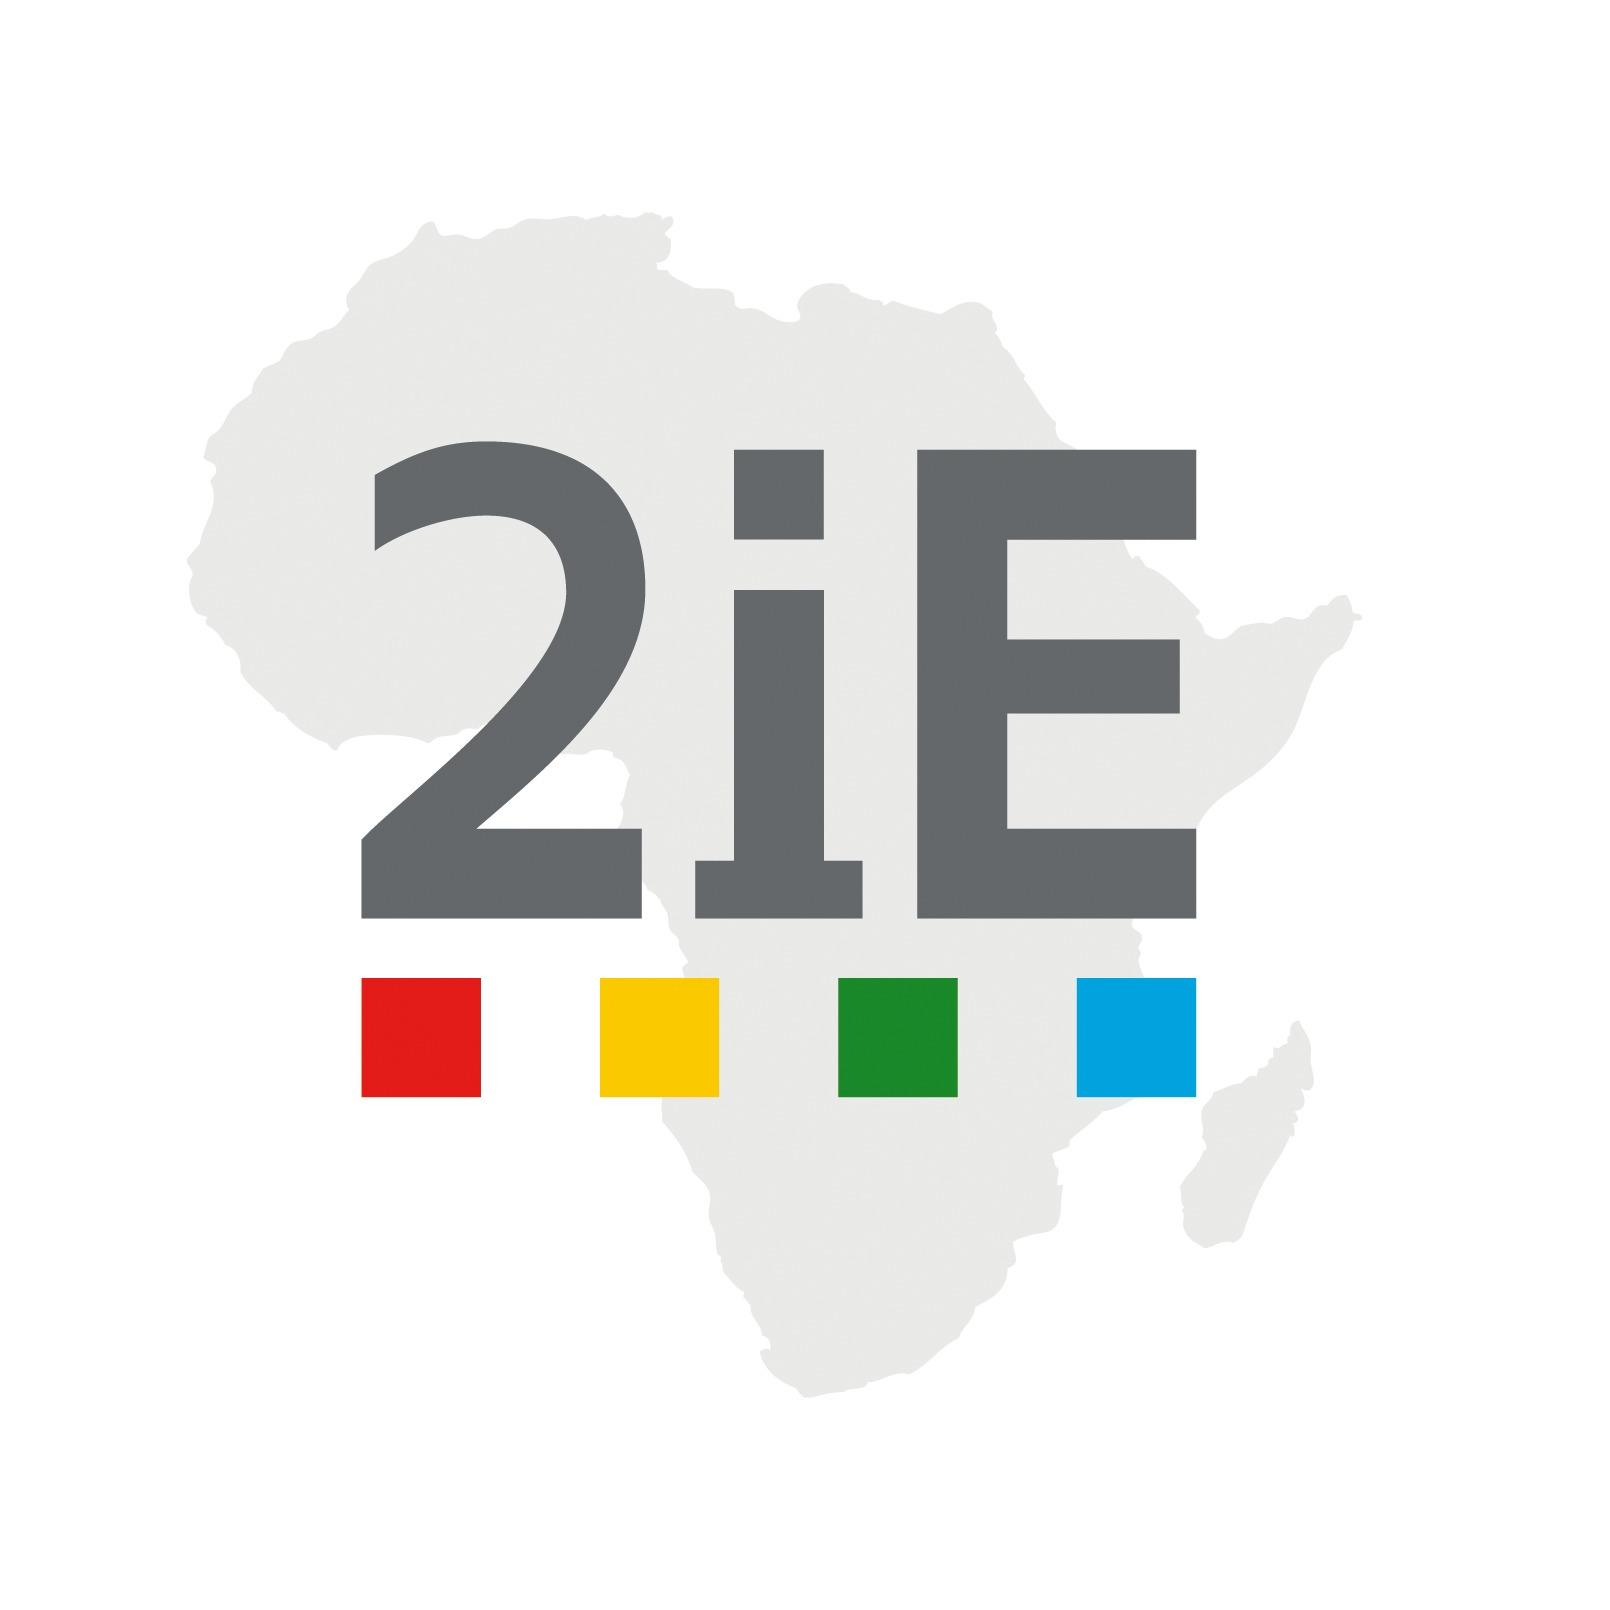 Institut international d'ingénierie de l'eau et de l'environnement (2iE) – Burkina Faso